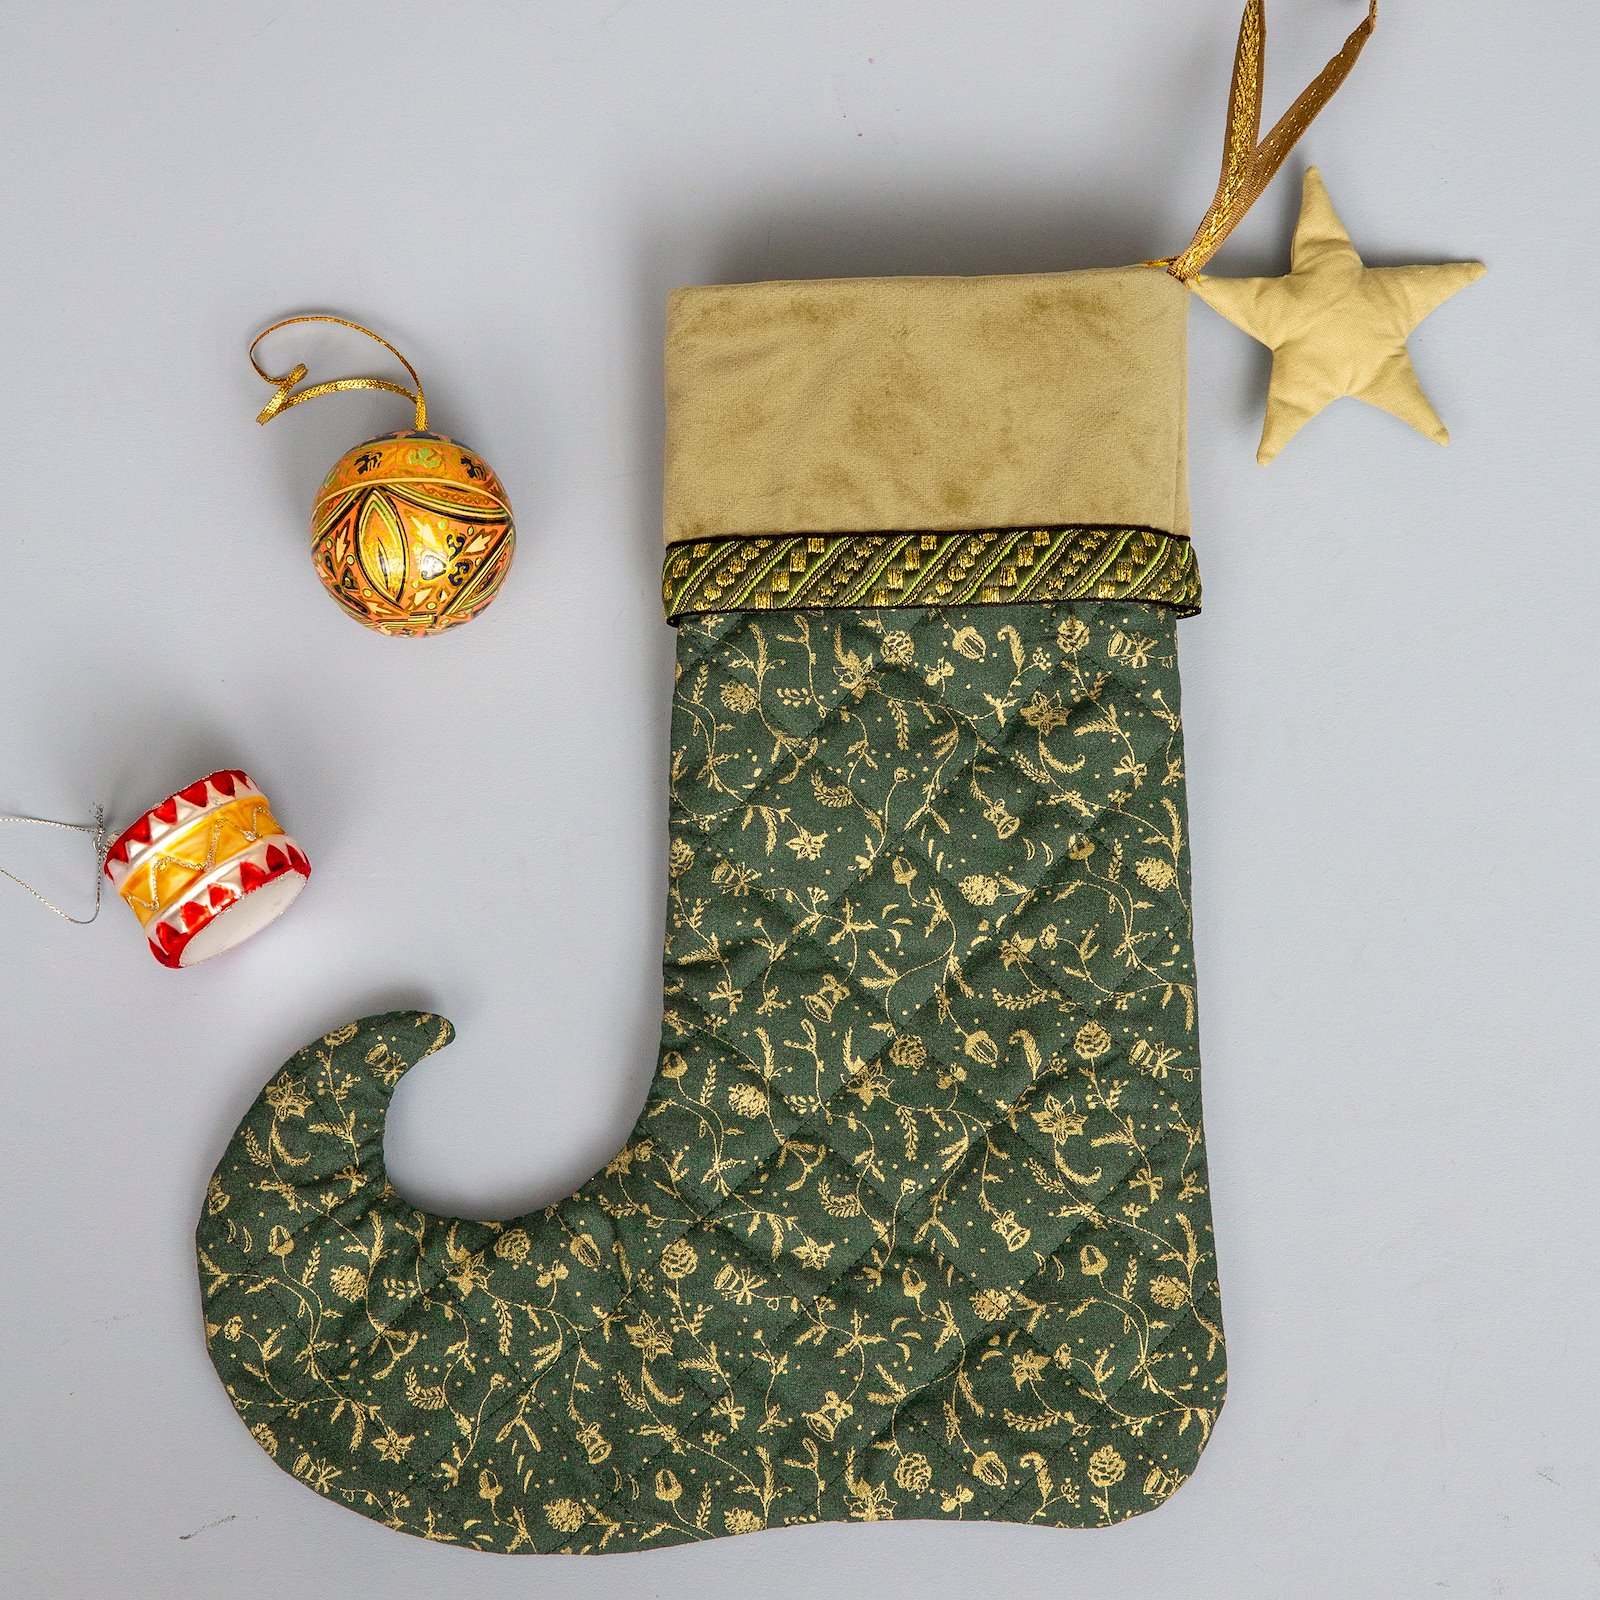 Baumwolle, Flaschengrün, Weihnachtsprint p90311_790140_824166_22335_22288_p90333_4221_35290_sskit